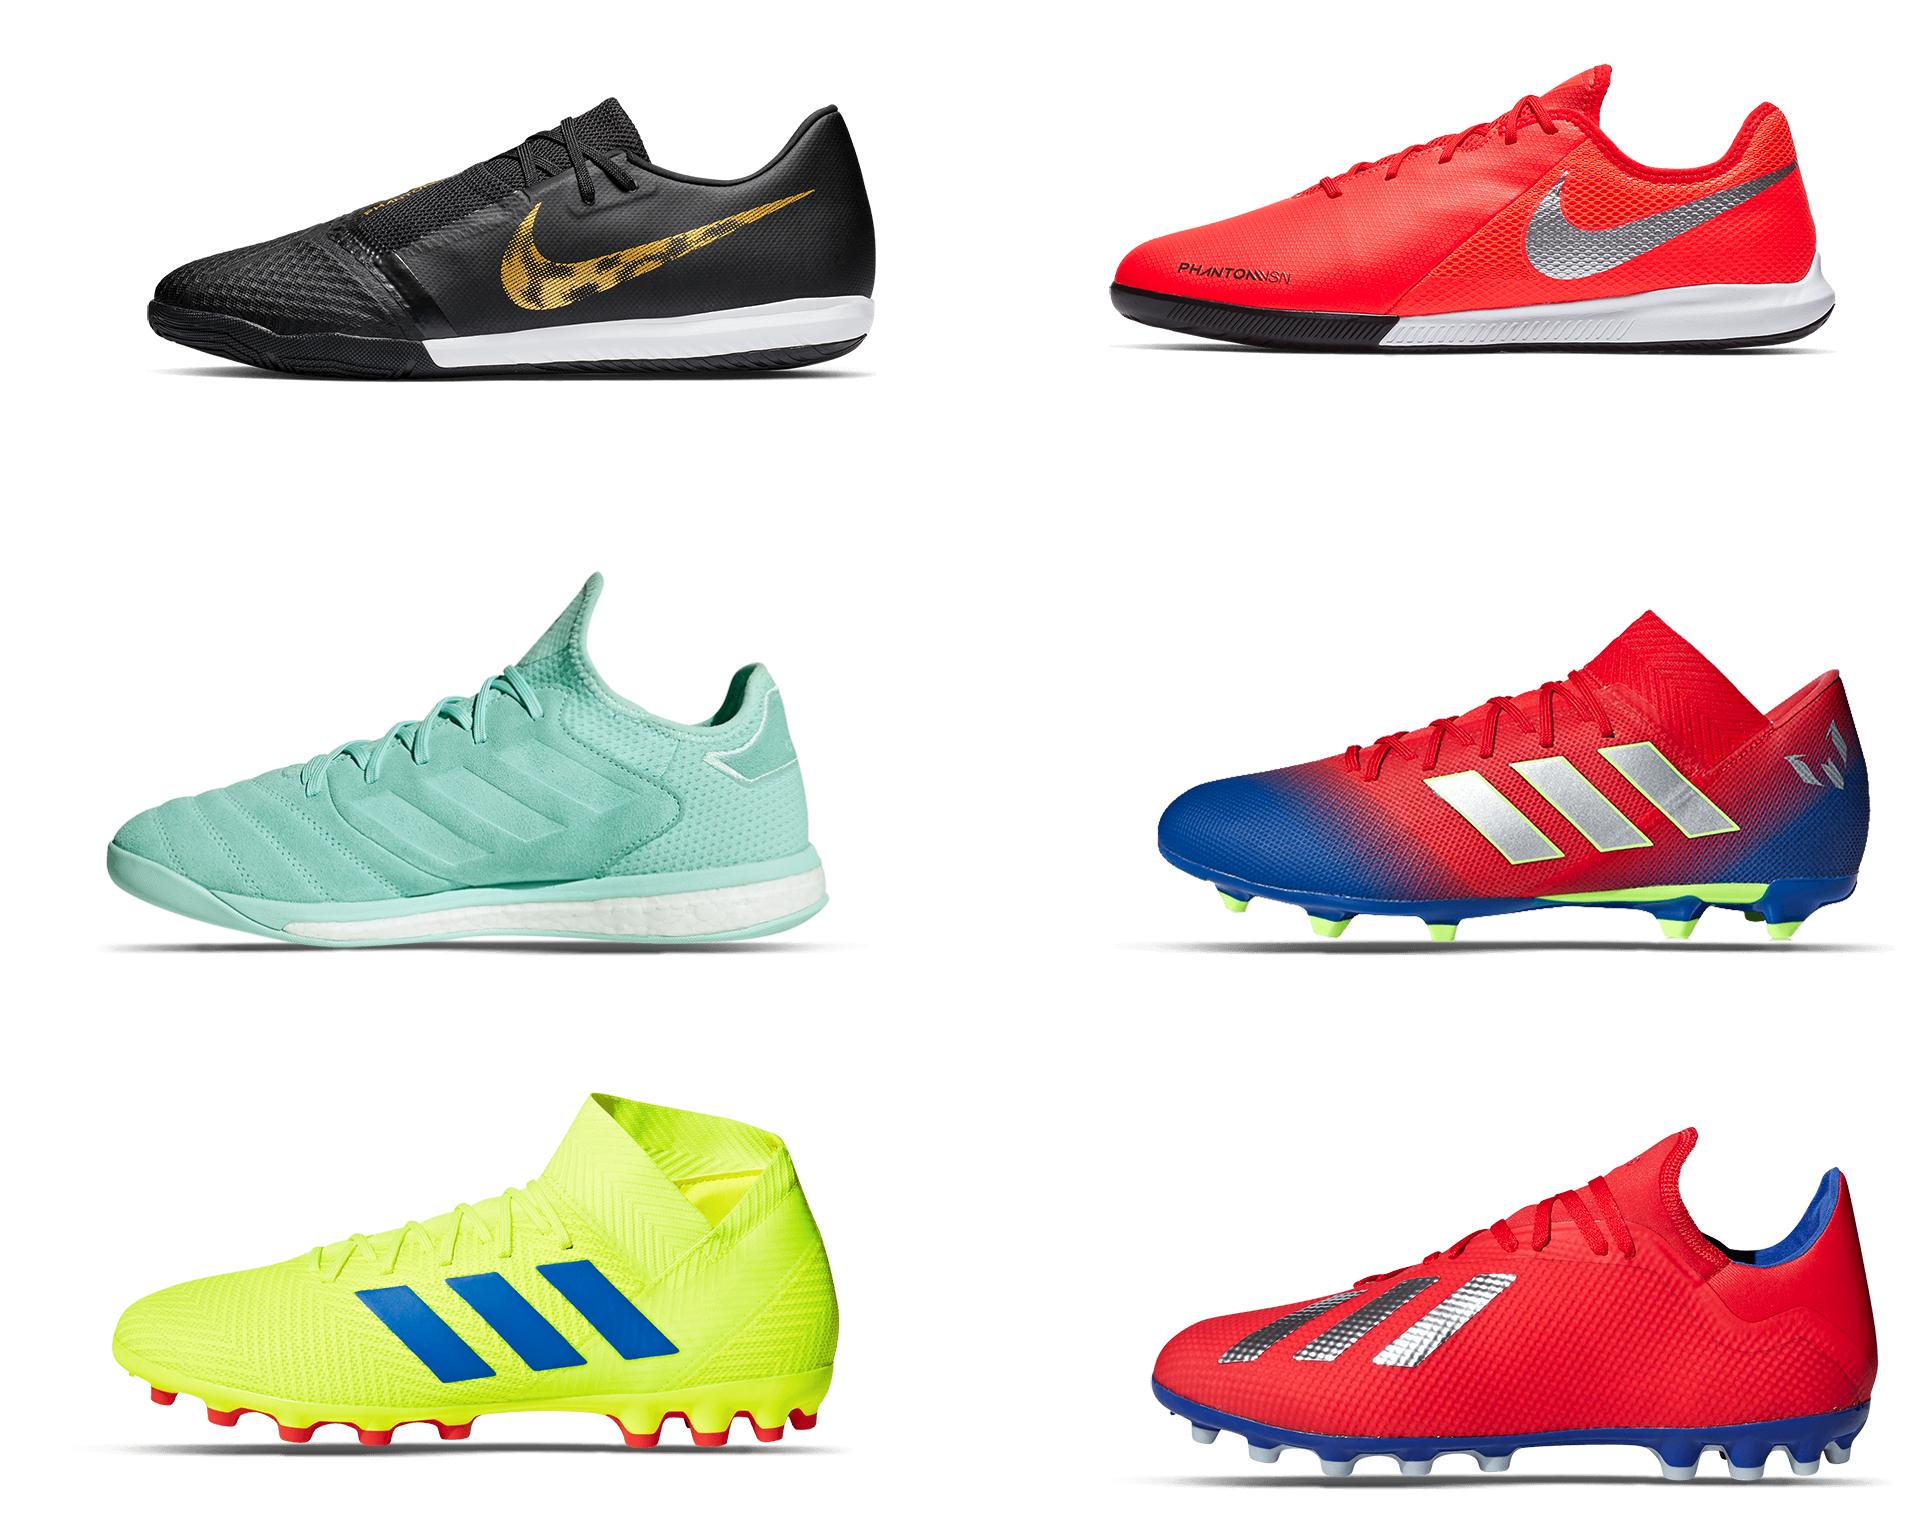 Wyprzedaż butów piłkarskich (np. ADIDAS X 18.3 AG za 159,99 zł) @ZgodaFC